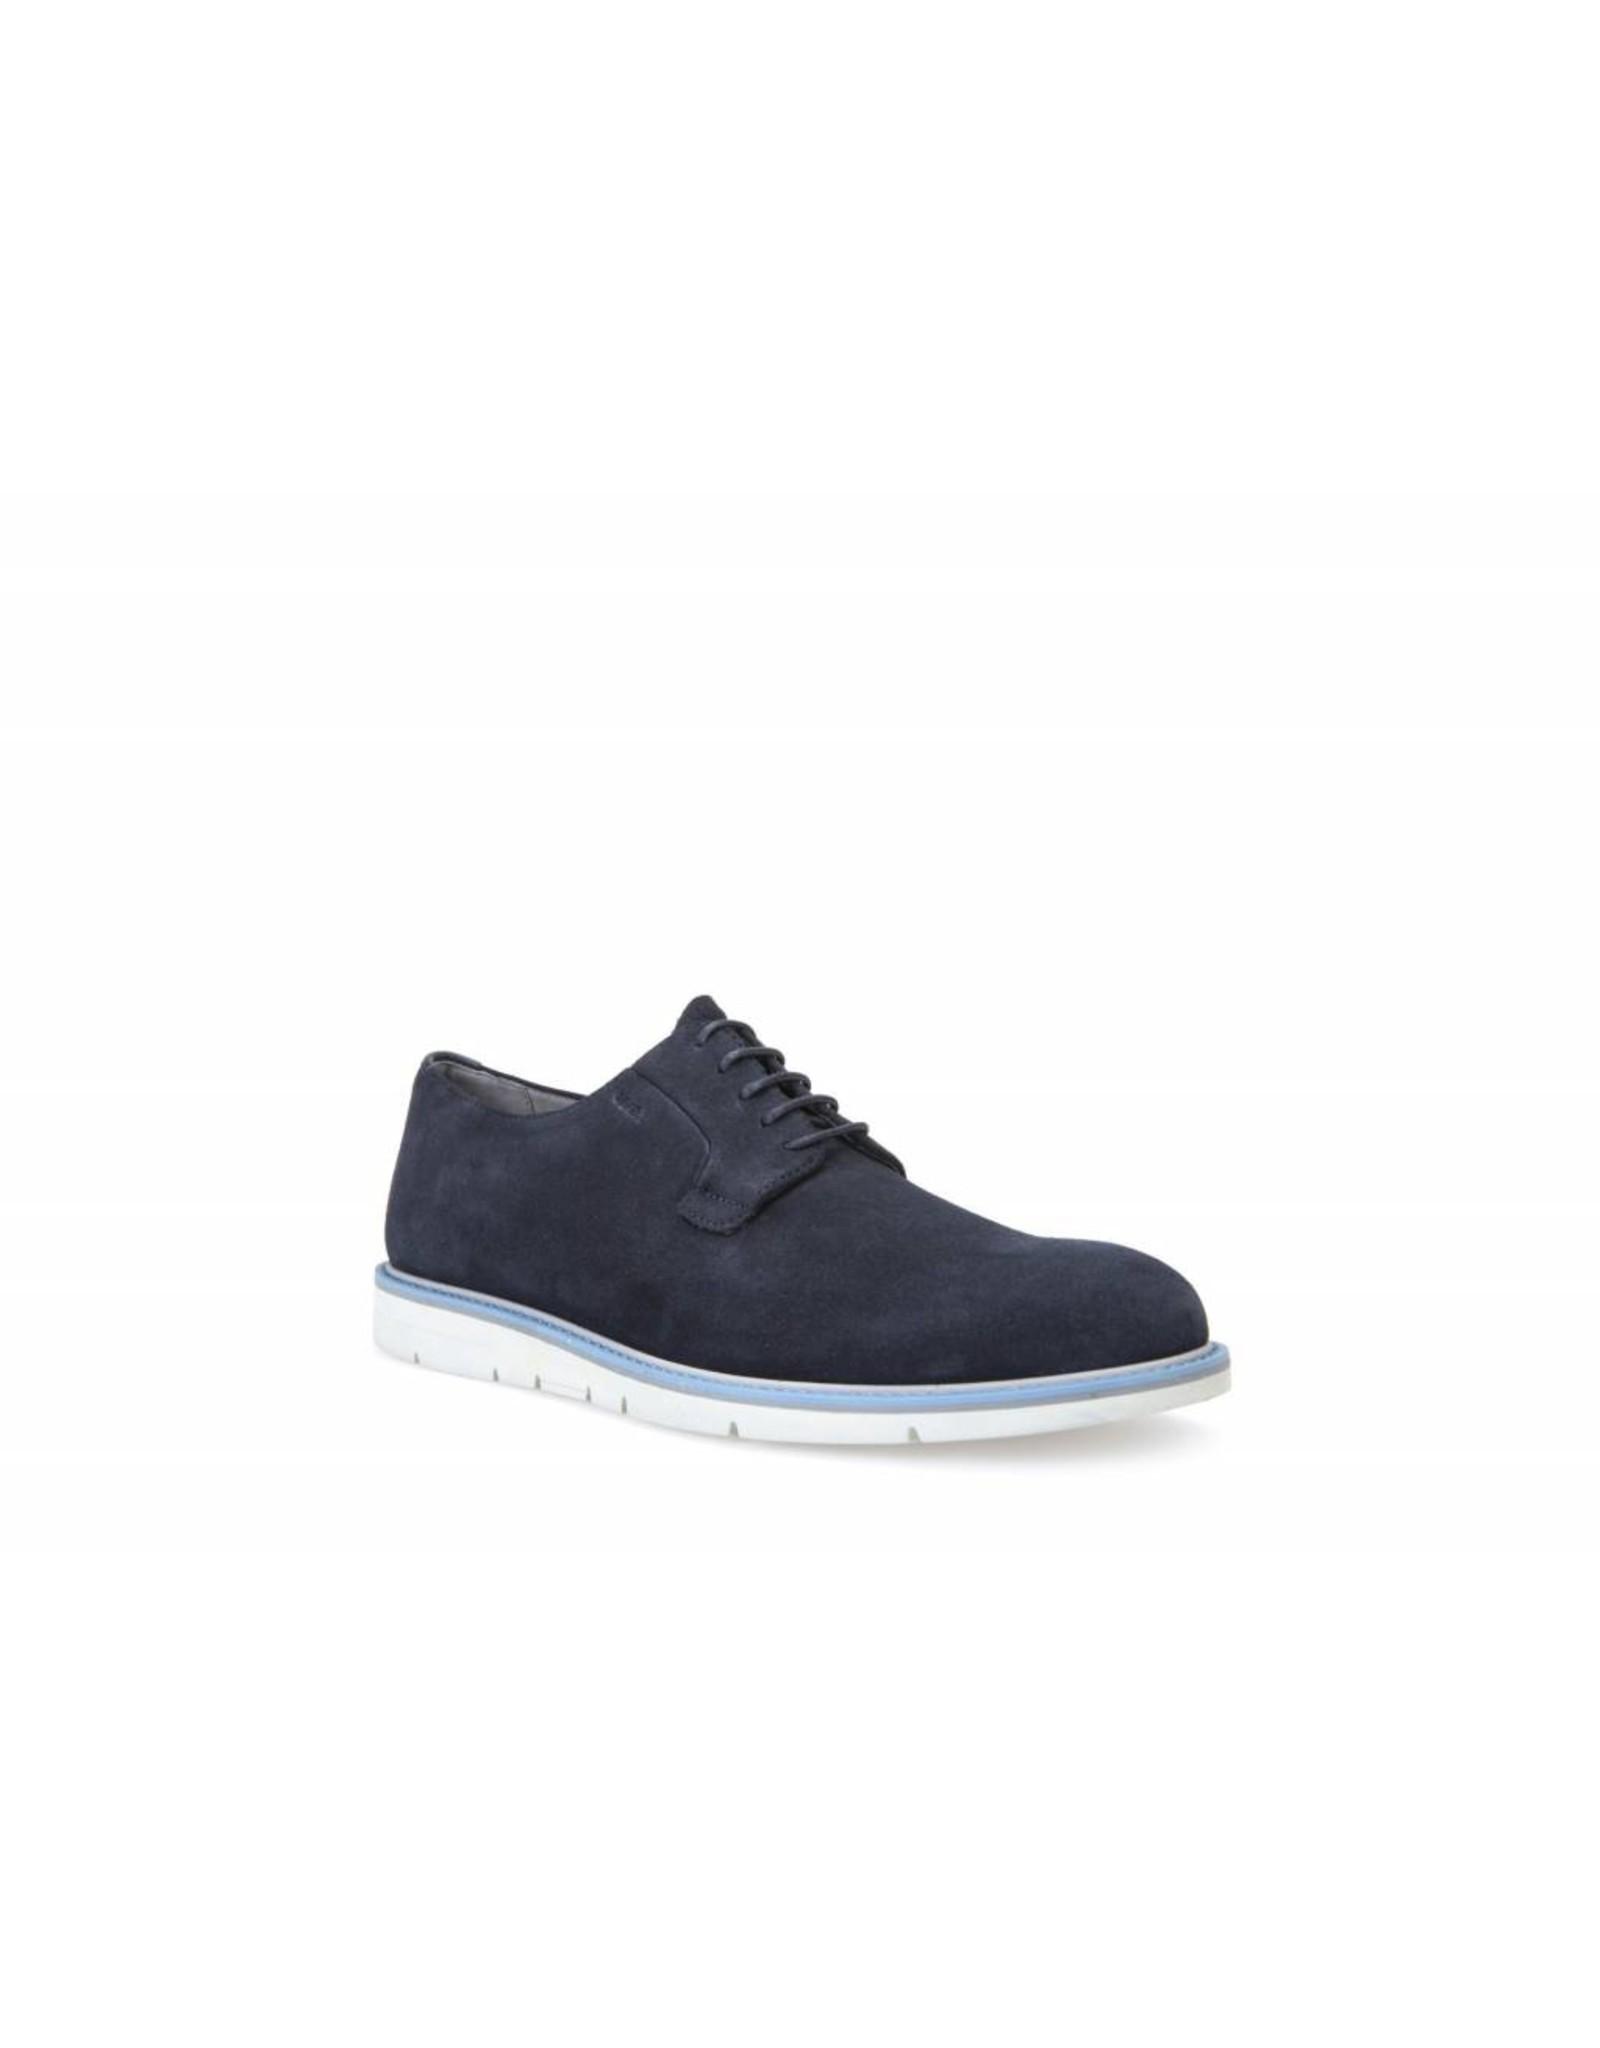 Geox Uvet Navy Suede Shoe